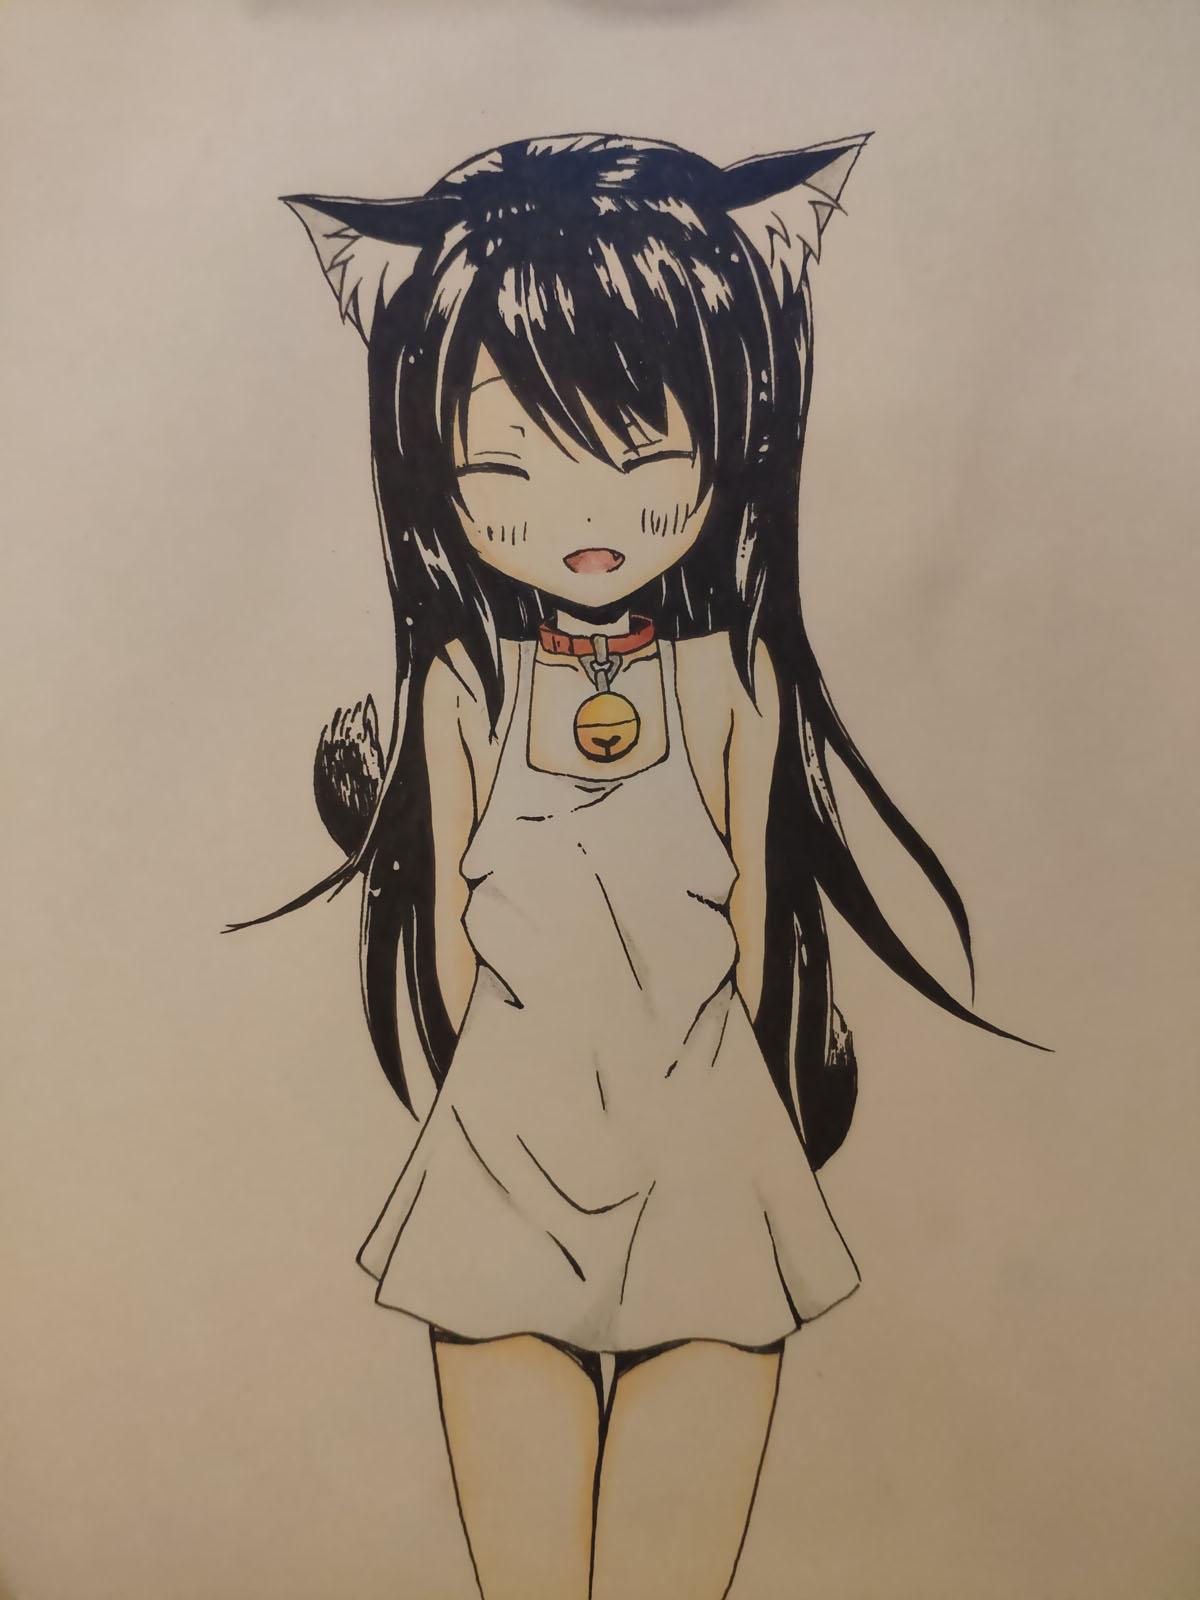 [临摹]黑猫萝莉,绅士们快来认领